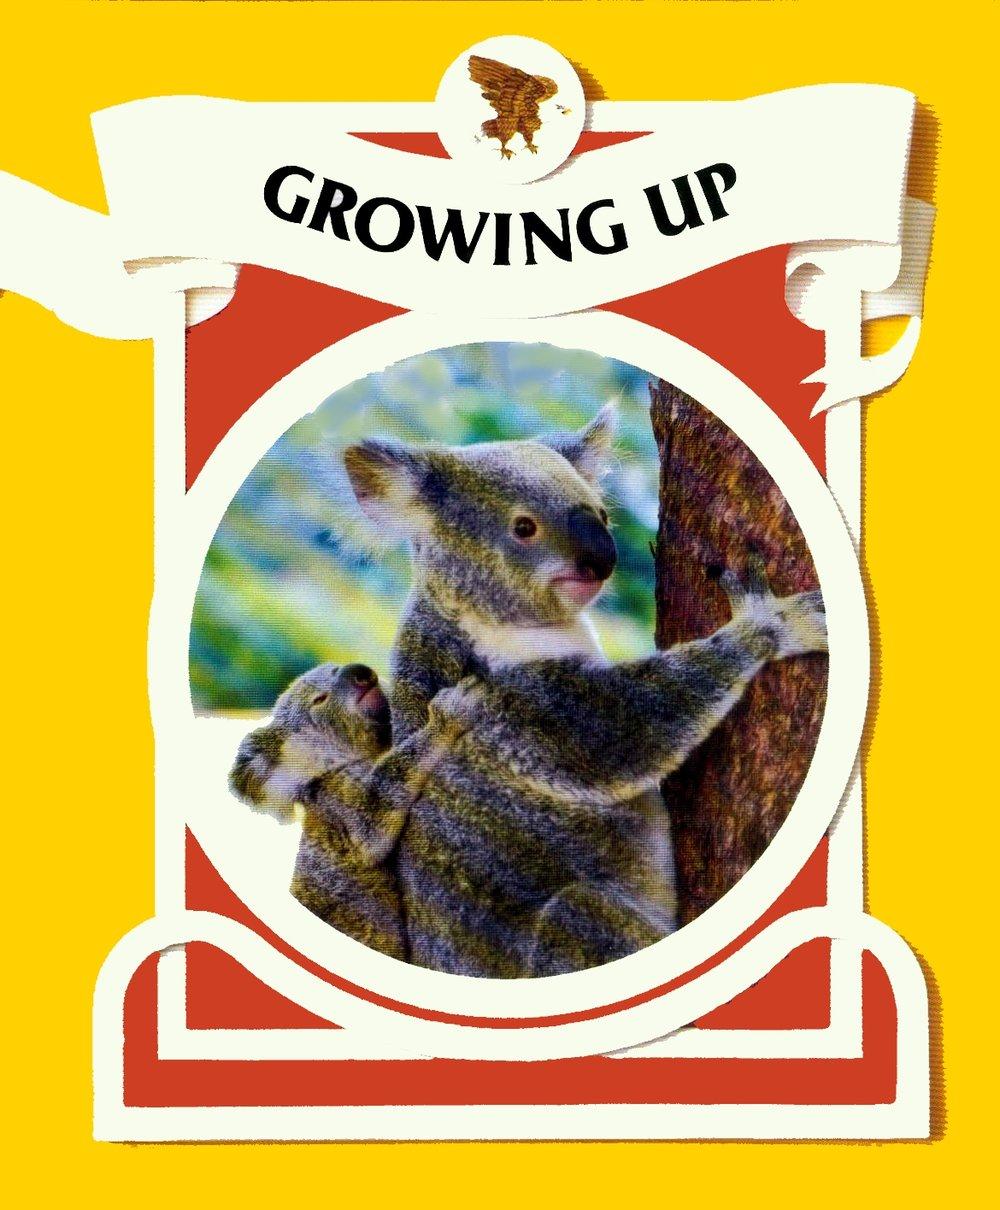 GrowingUp2 (2).jpg